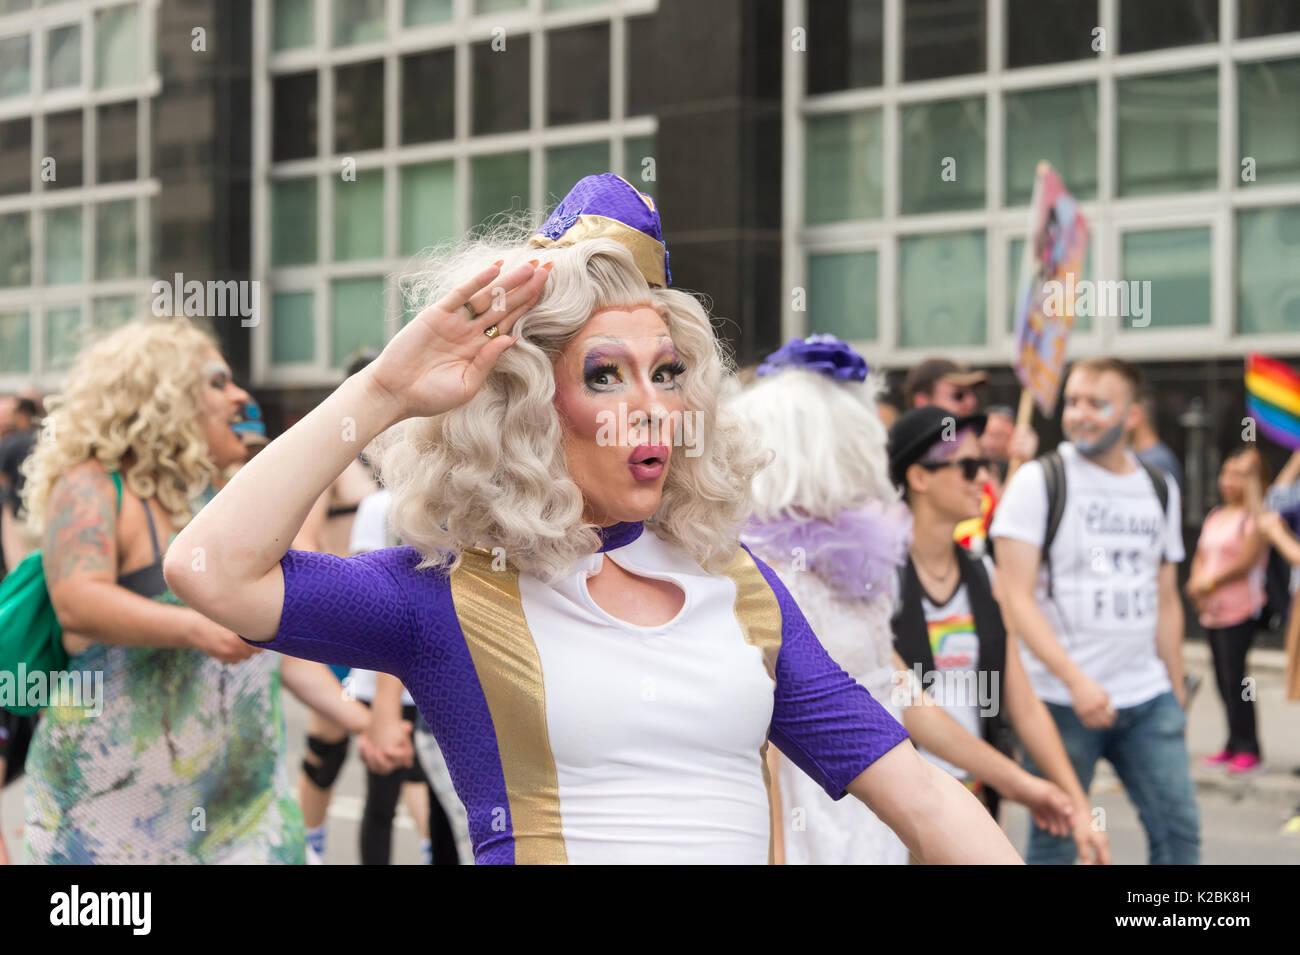 Montréal, le 20 août 2017: drag queen qui prennent part à la parade de la Fierté gaie de Montréal Photo Stock